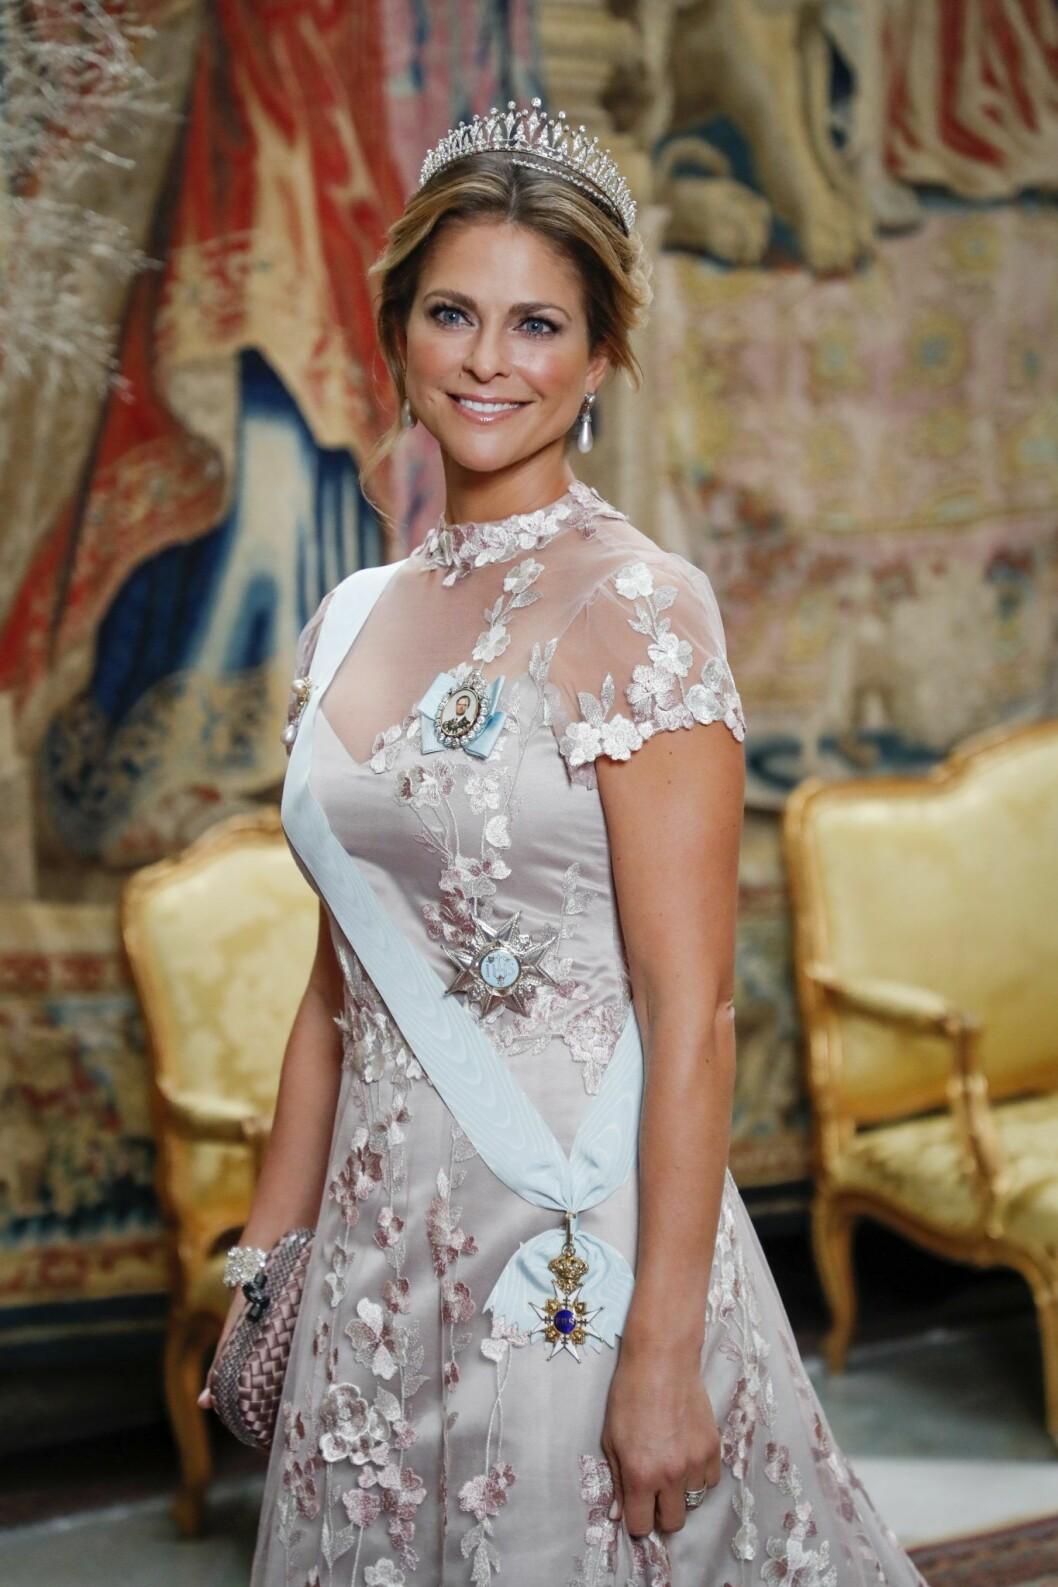 Prinsessan Madeleine på Nobelfesten 2019.